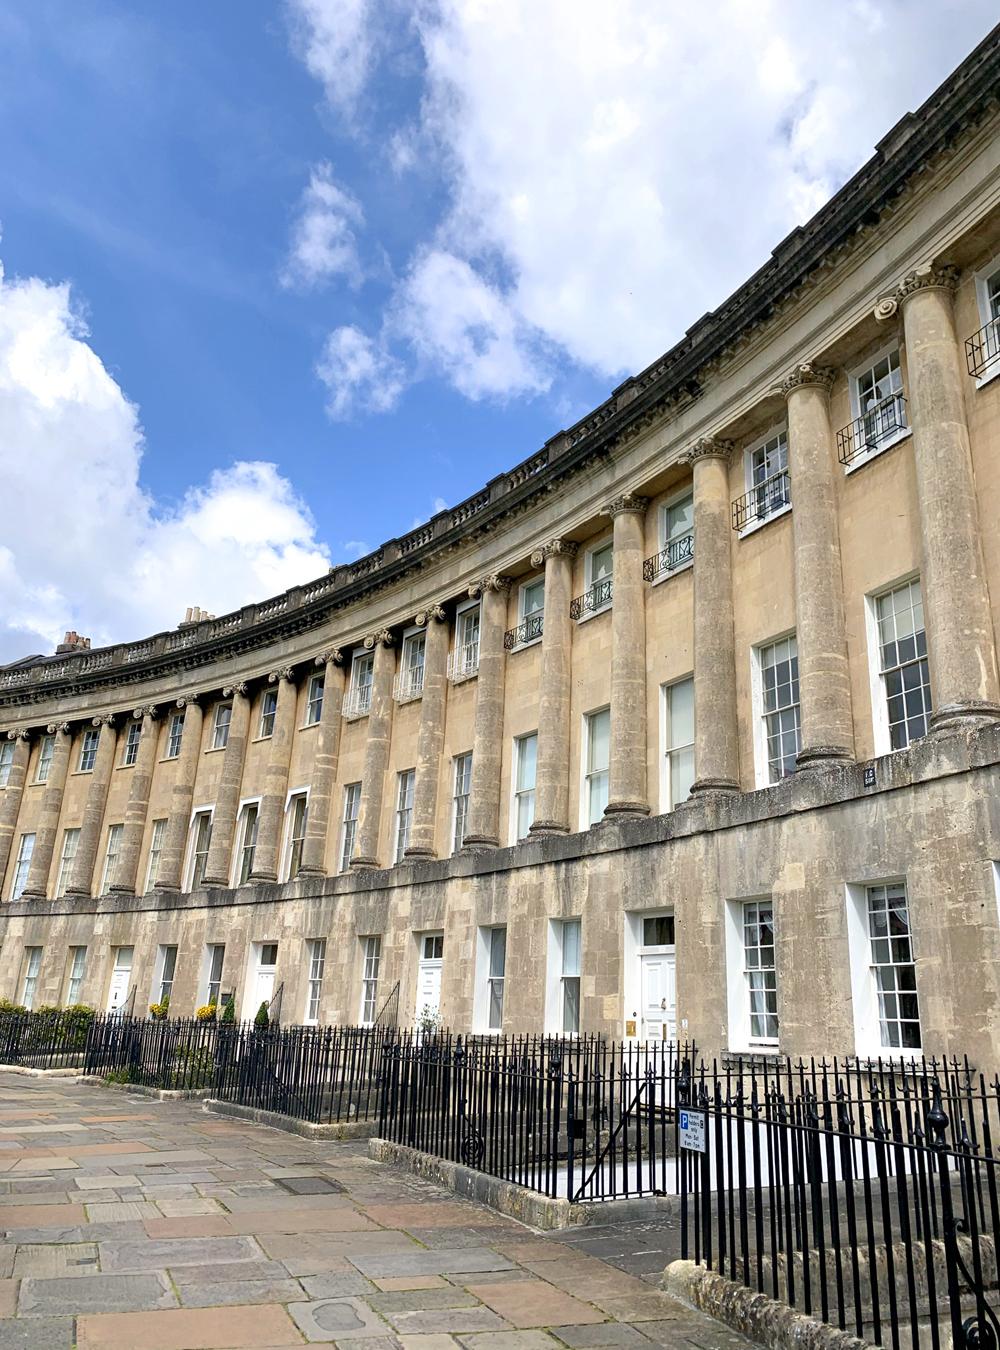 The Royal Crescent, Bath - Emma Louise Layla, UK travel & lifestyle blog